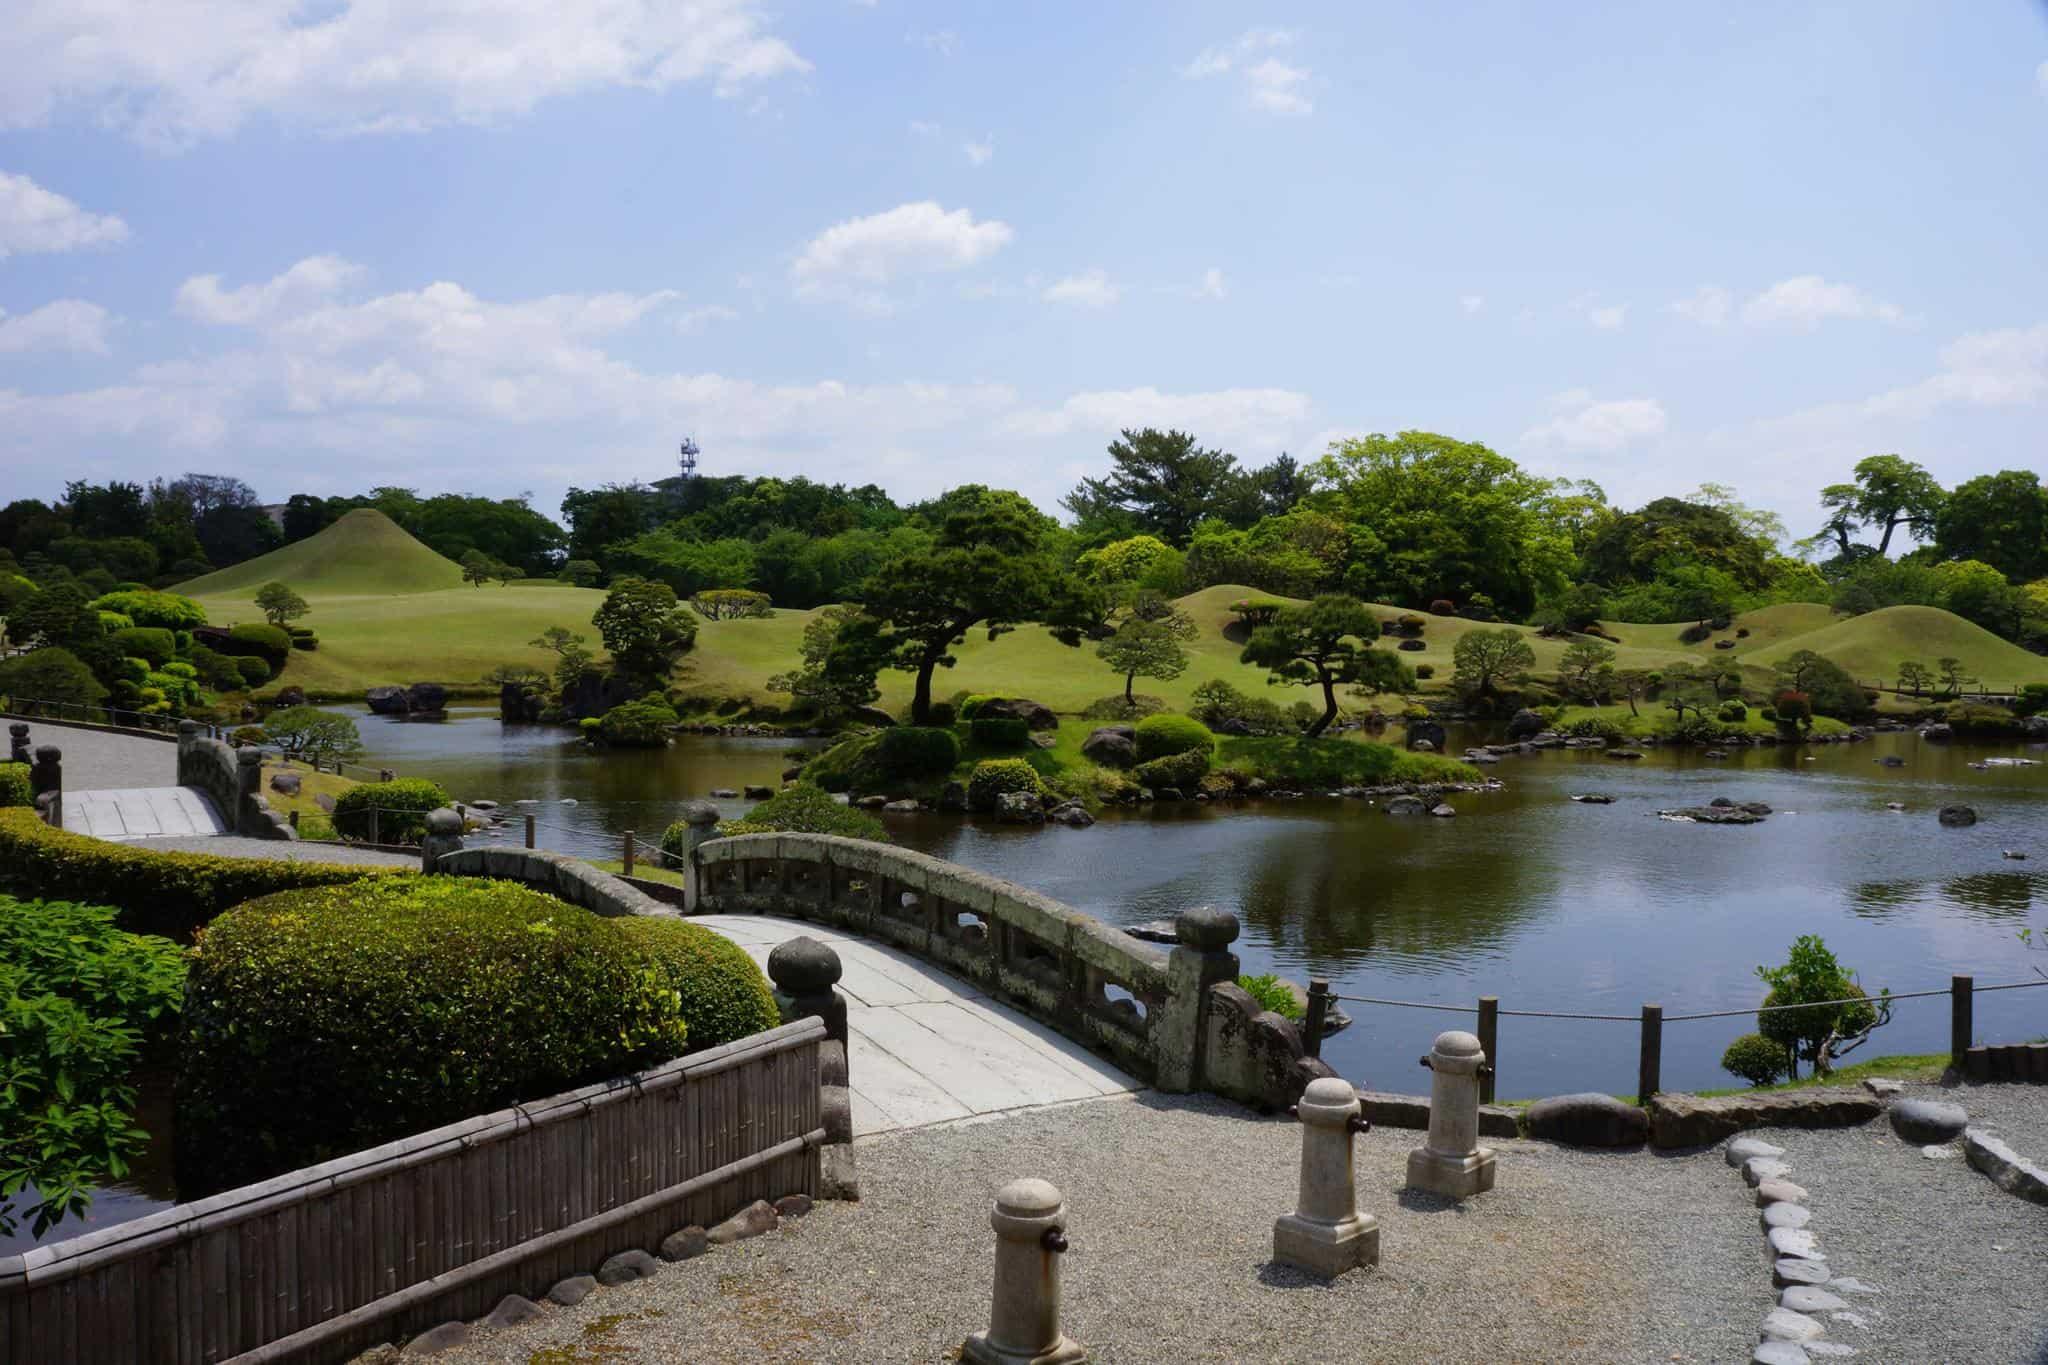 Suizenji Koen สวนญี่ปุ่นที่มีชื่อเสียงที่สุดของเมืองคุมาโมโตะ (Kumamoto)